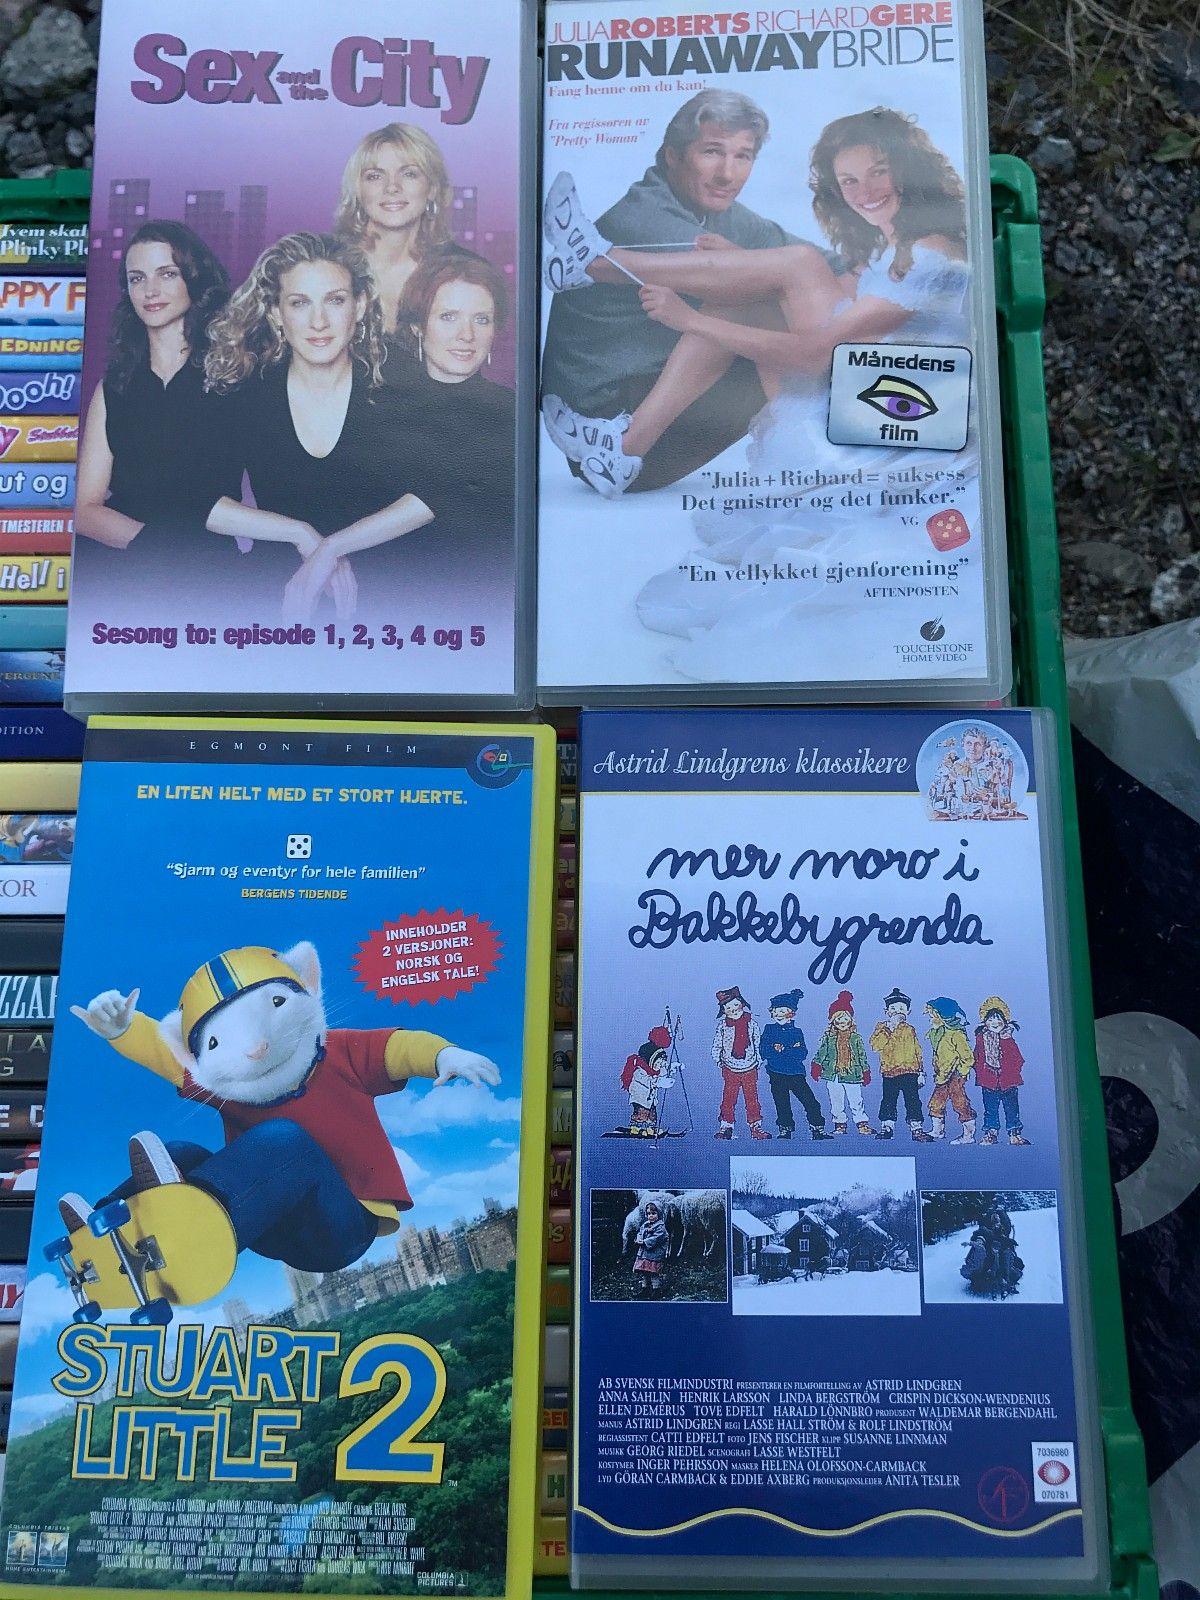 VHS filmer: Runaway Bride, Stuart Little 2, Mer moro i Bakkebygrenda, m.fl. - Knarrevik  - VHS filmer: Runaway Bride, Stuart Little 2, Mer moro i Bakkebygrenda (Astrid Lindgren), og Sex and the City. (se bilde) Prisen er per stykk. Selges da jeg ikke lenger har VHS-spiller i huset. Skal de sendes, betaler kjøper for portokostnaden - Knarrevik